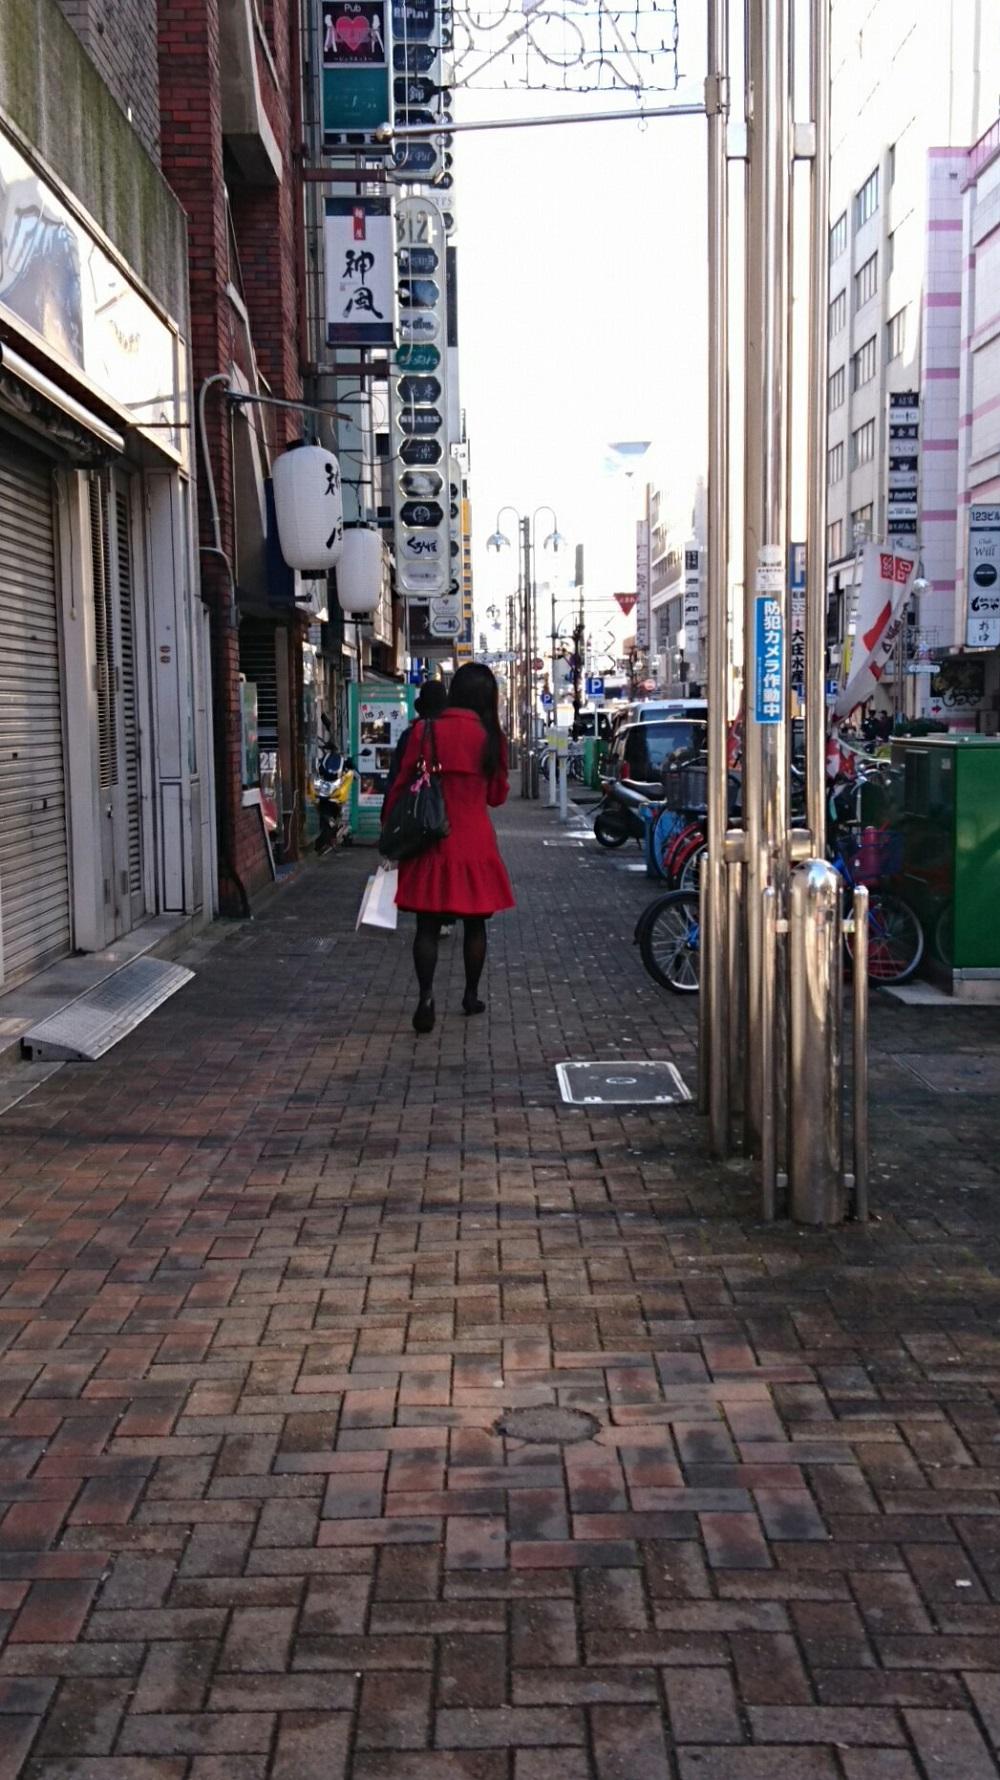 2017.12.28 犬山 (13) 錦三丁目 - 東本重町どおり 1000-1780